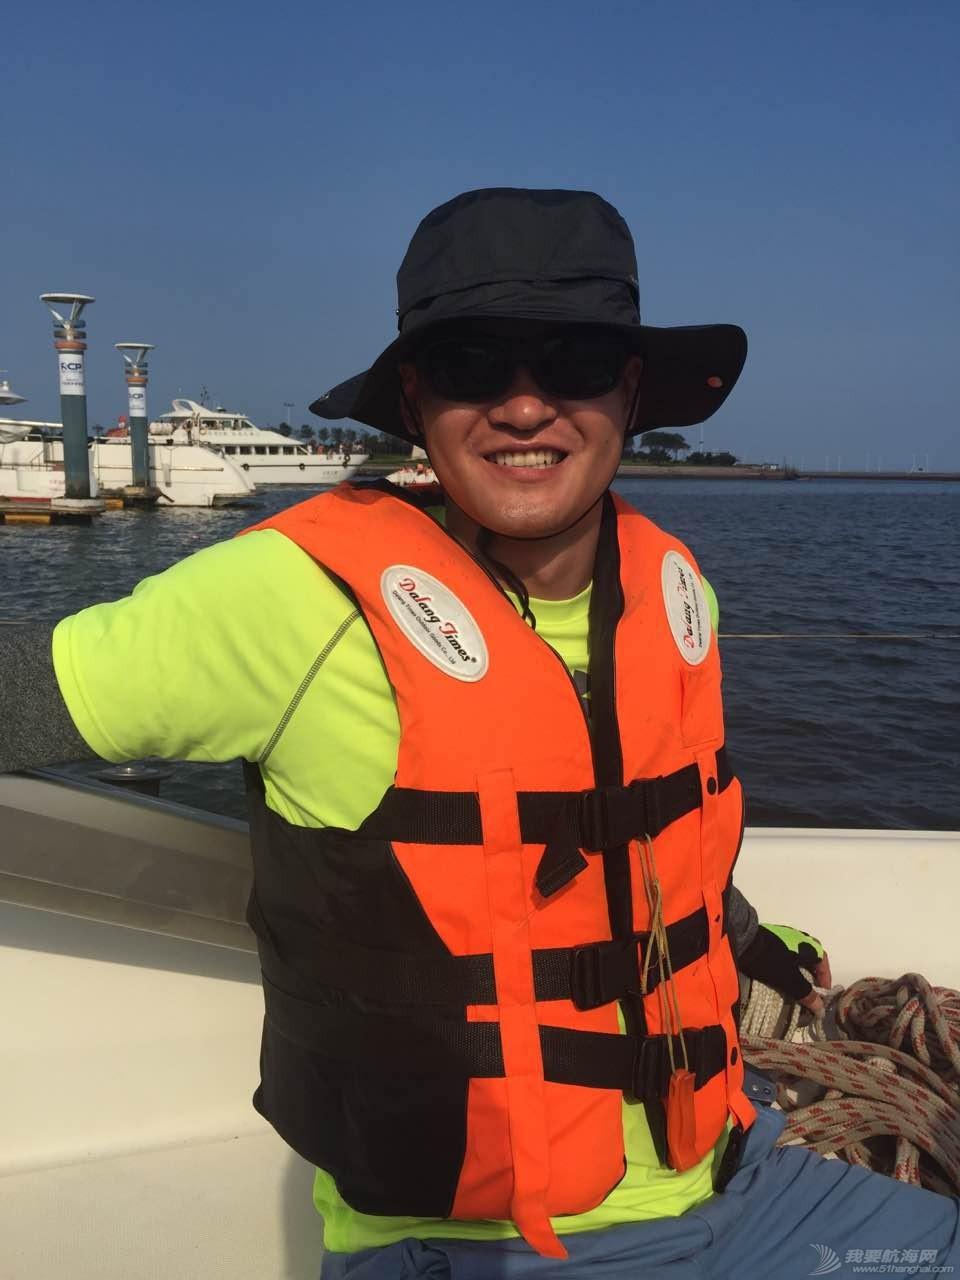 日照 全新的征程 -----日照公益航海